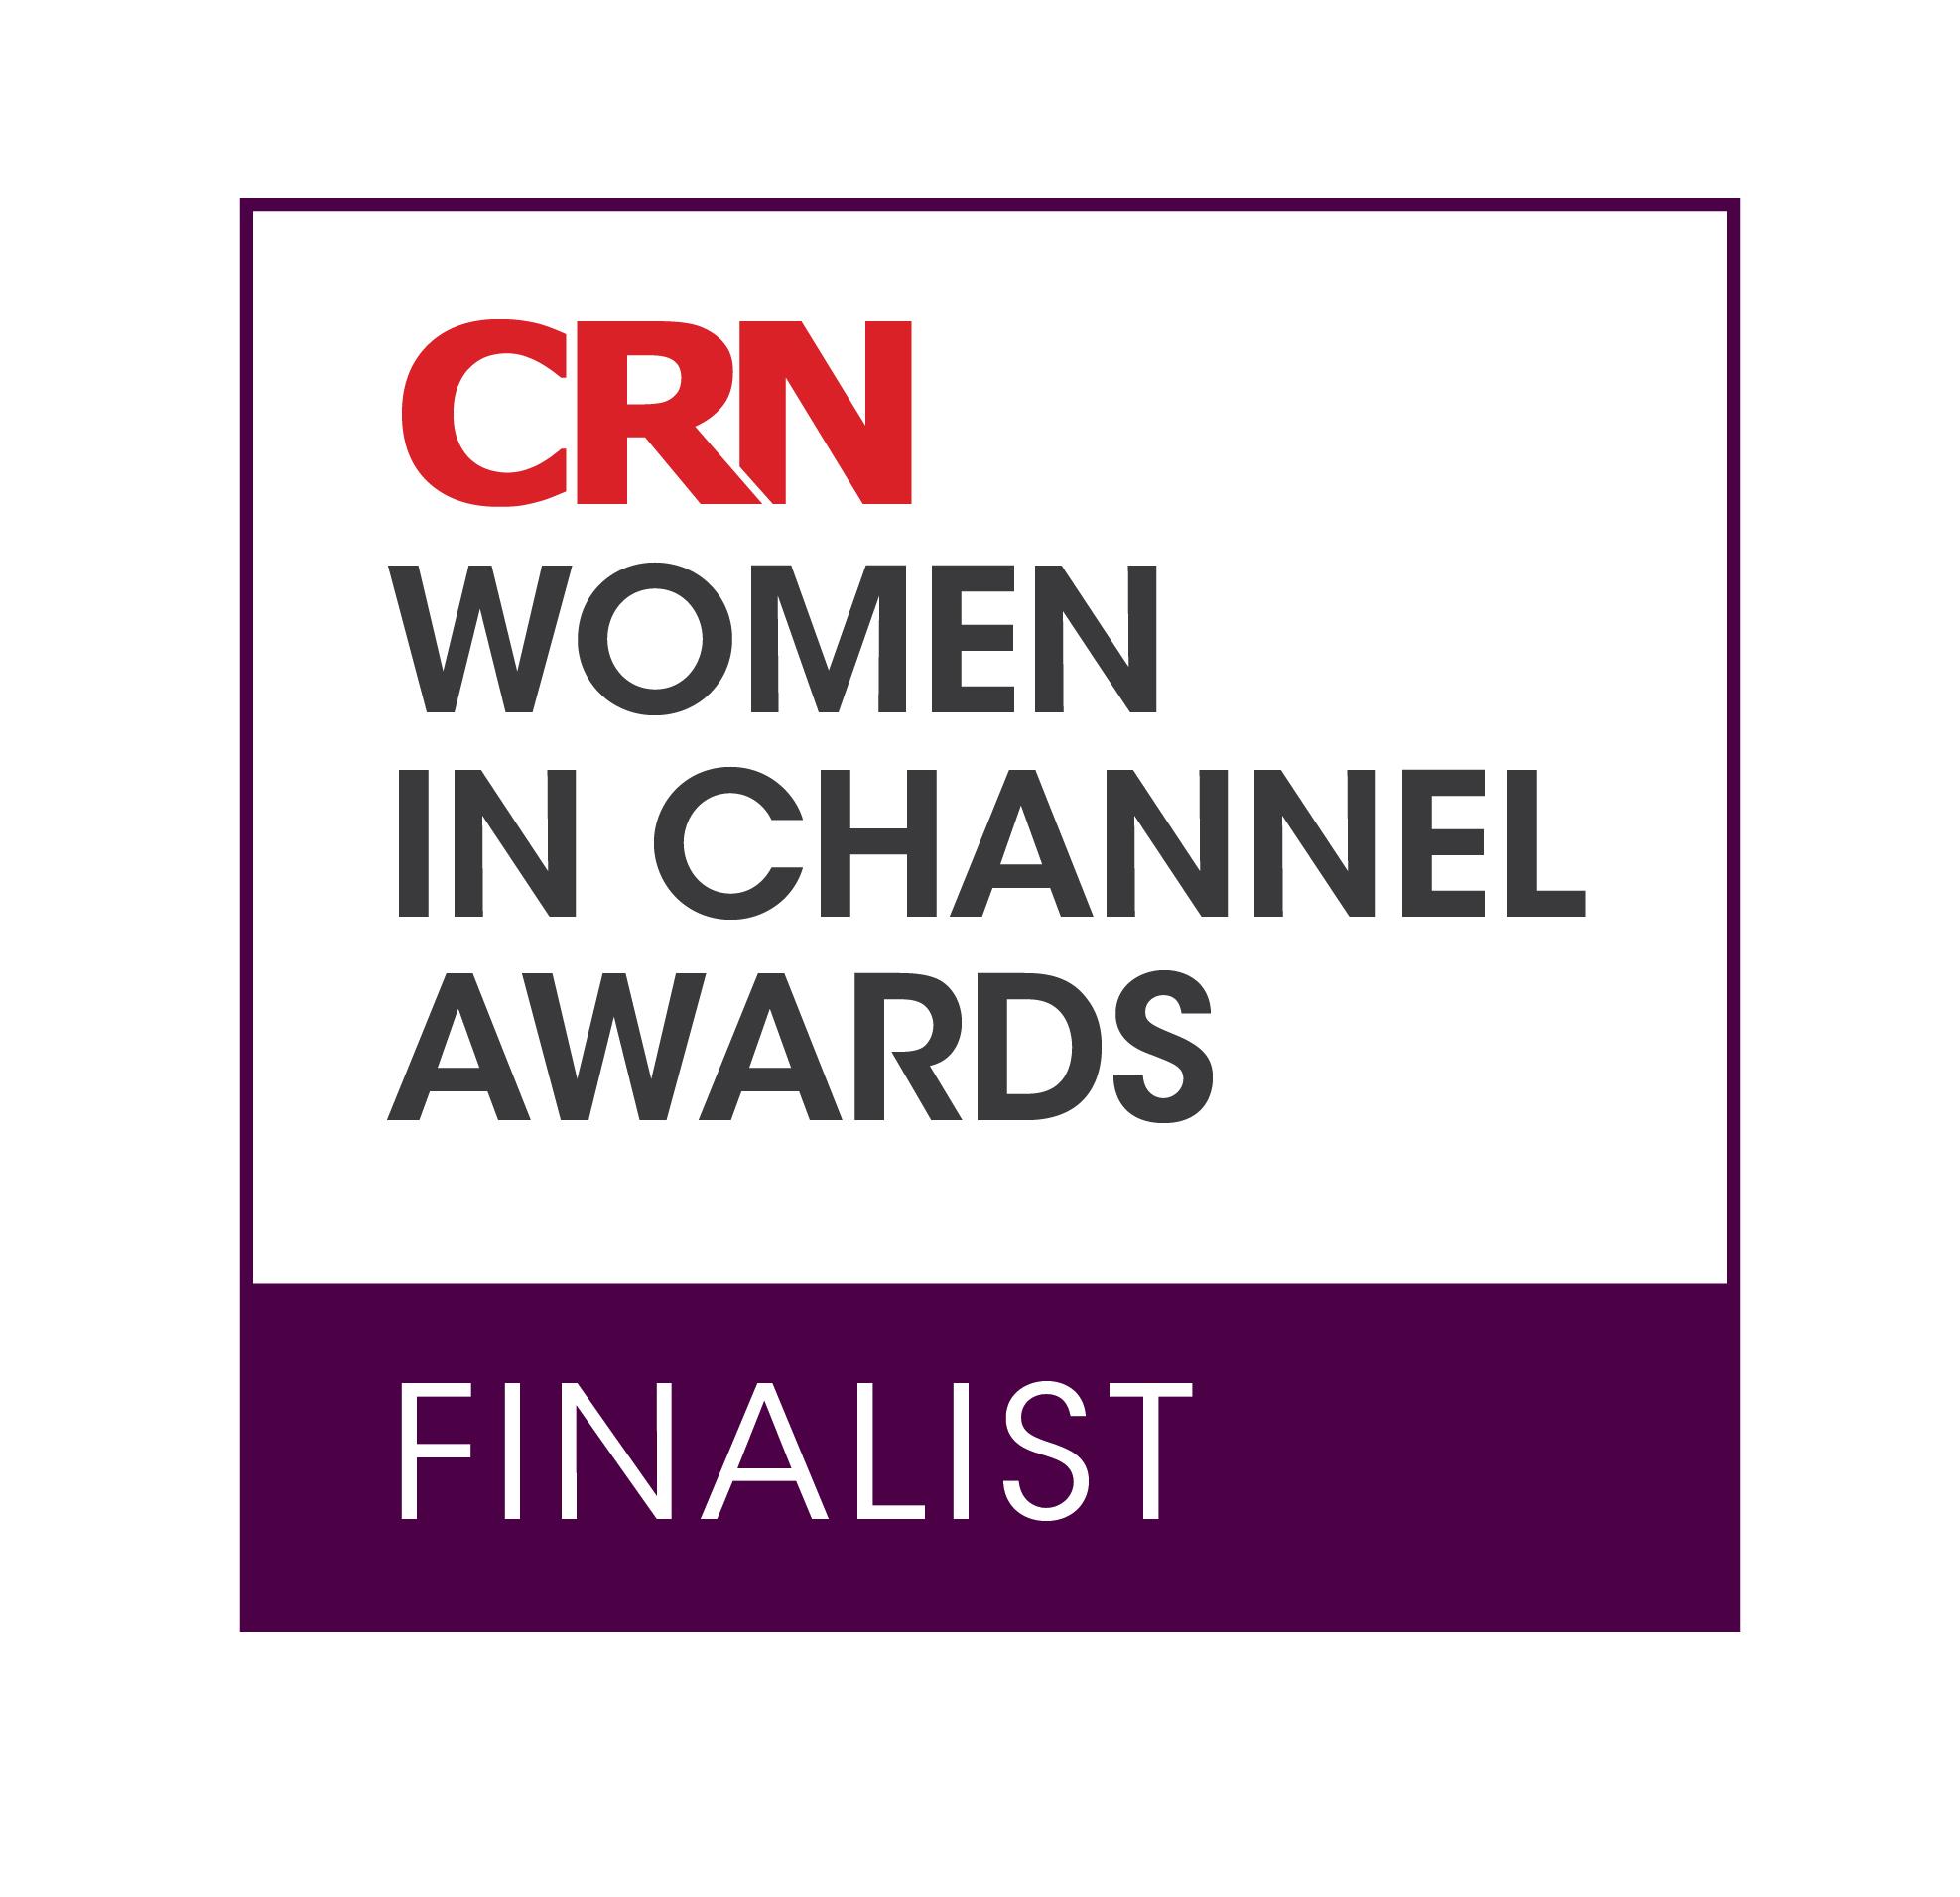 CRN Women in Channel Awards 2018